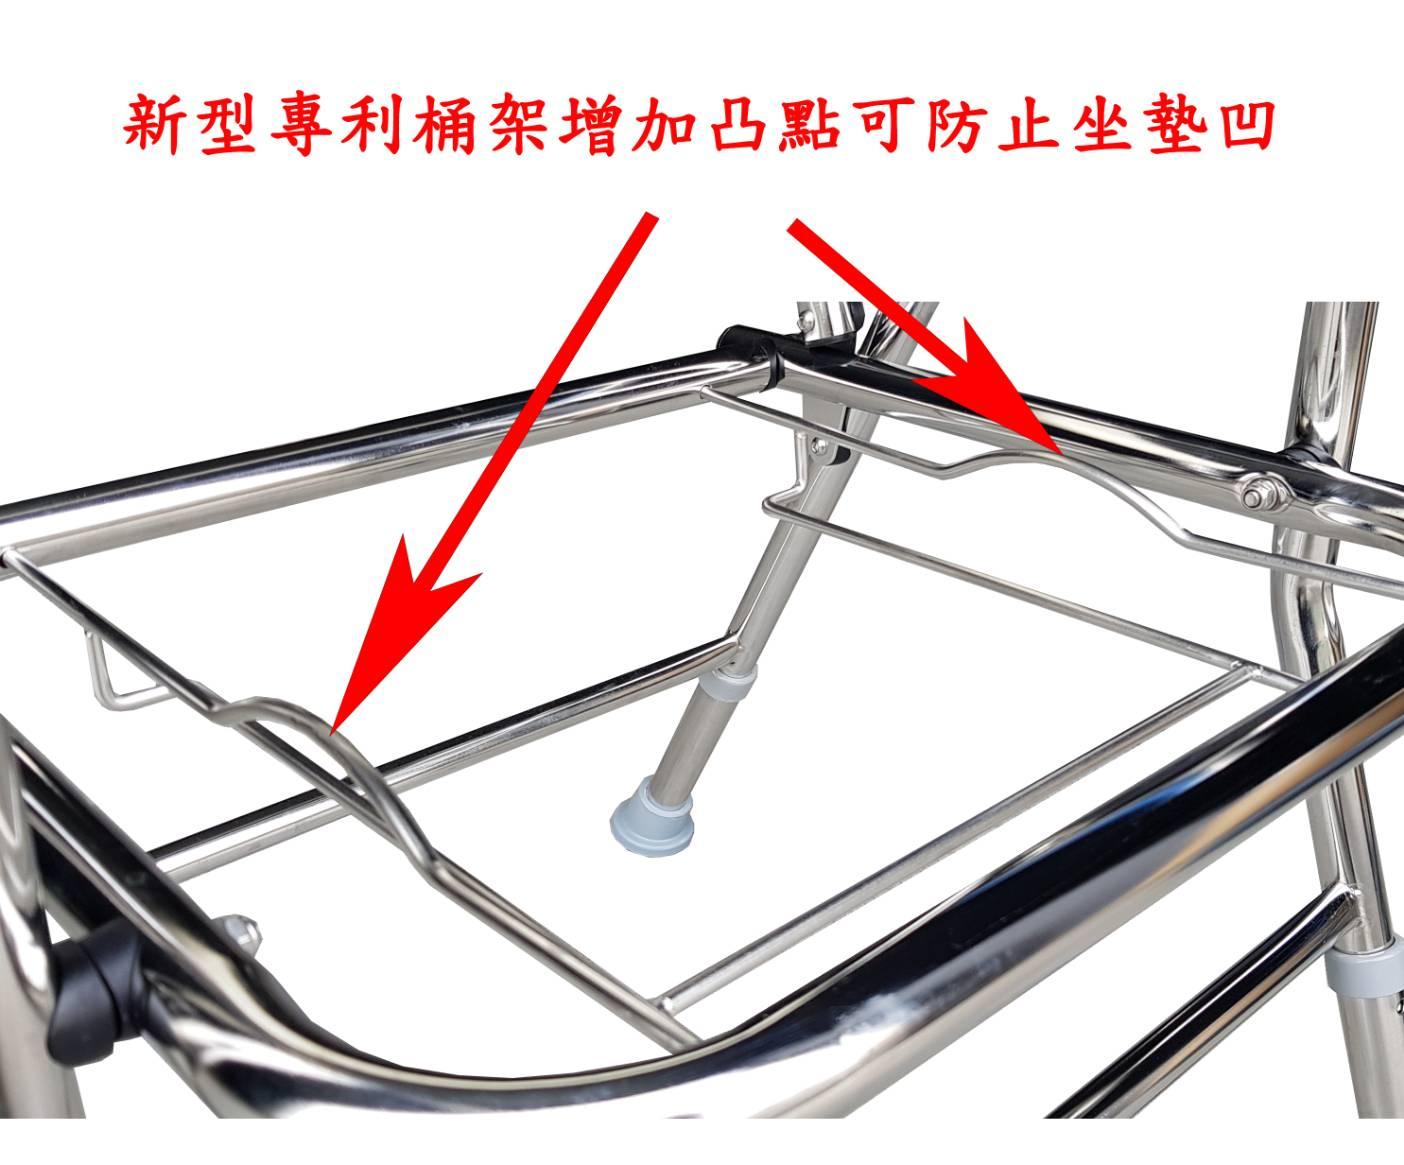 便器椅 便盆椅 不銹鋼(軟背/把手) 坐墊防凹陷專利桶架+專利防傾桿 YH125-1